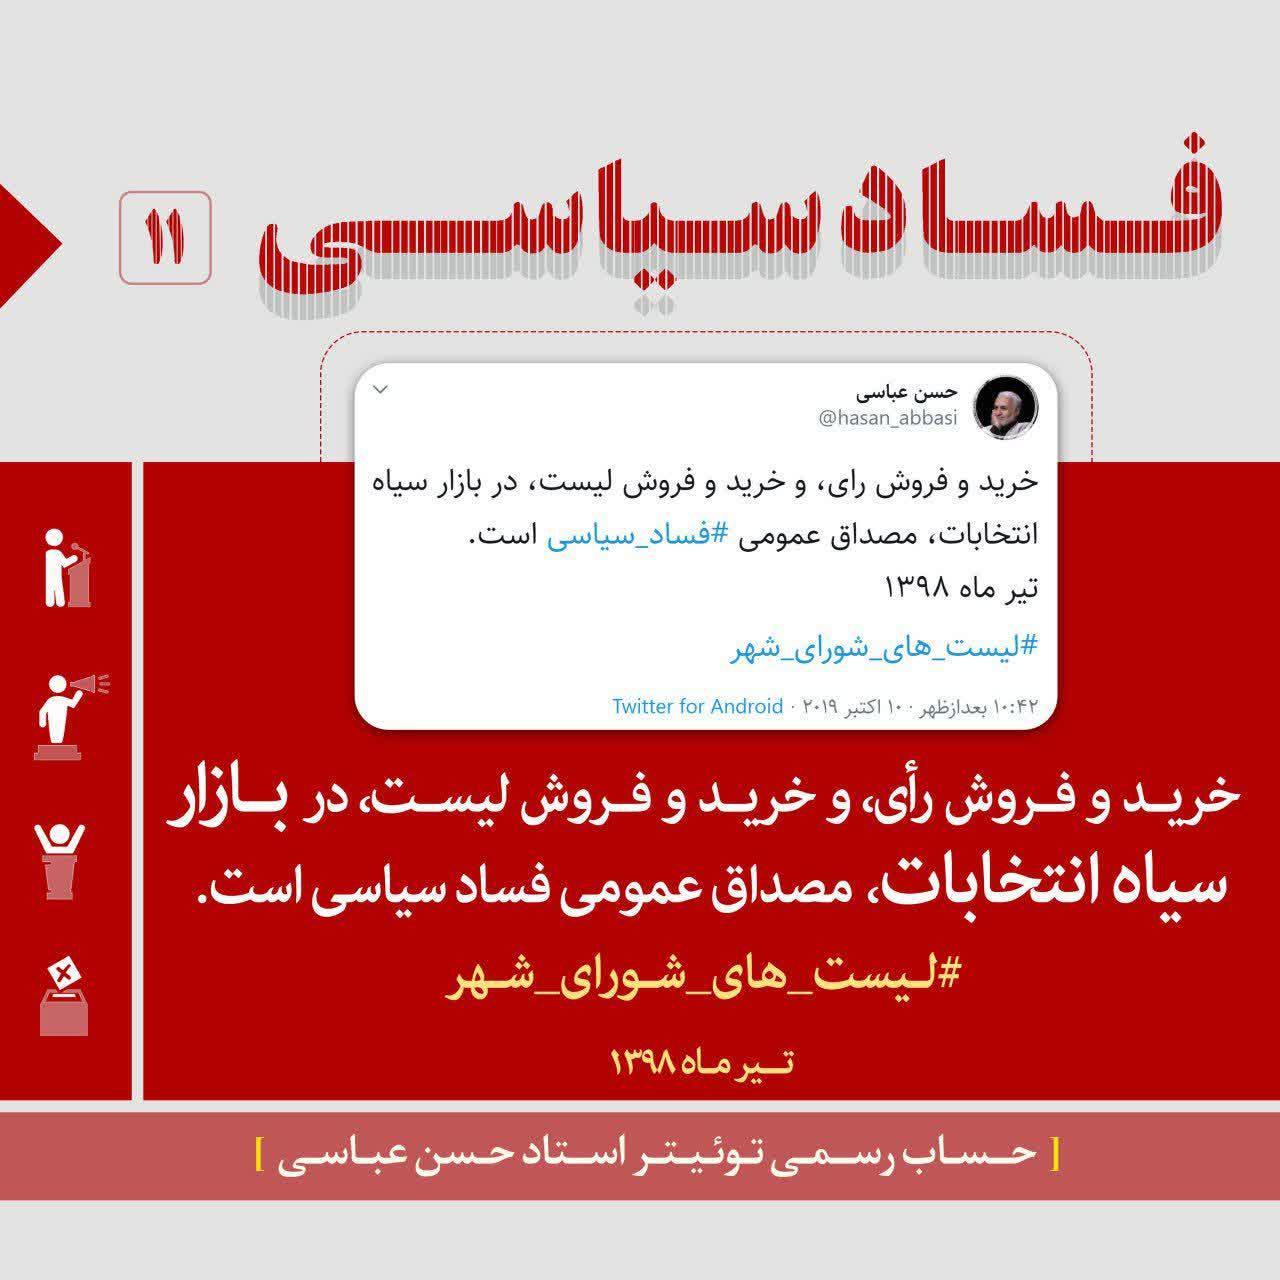 http://dl-abbasi.ir/yekta/1398/Graphic/F_S/Fesad%20Siyasi%20(11).jpg